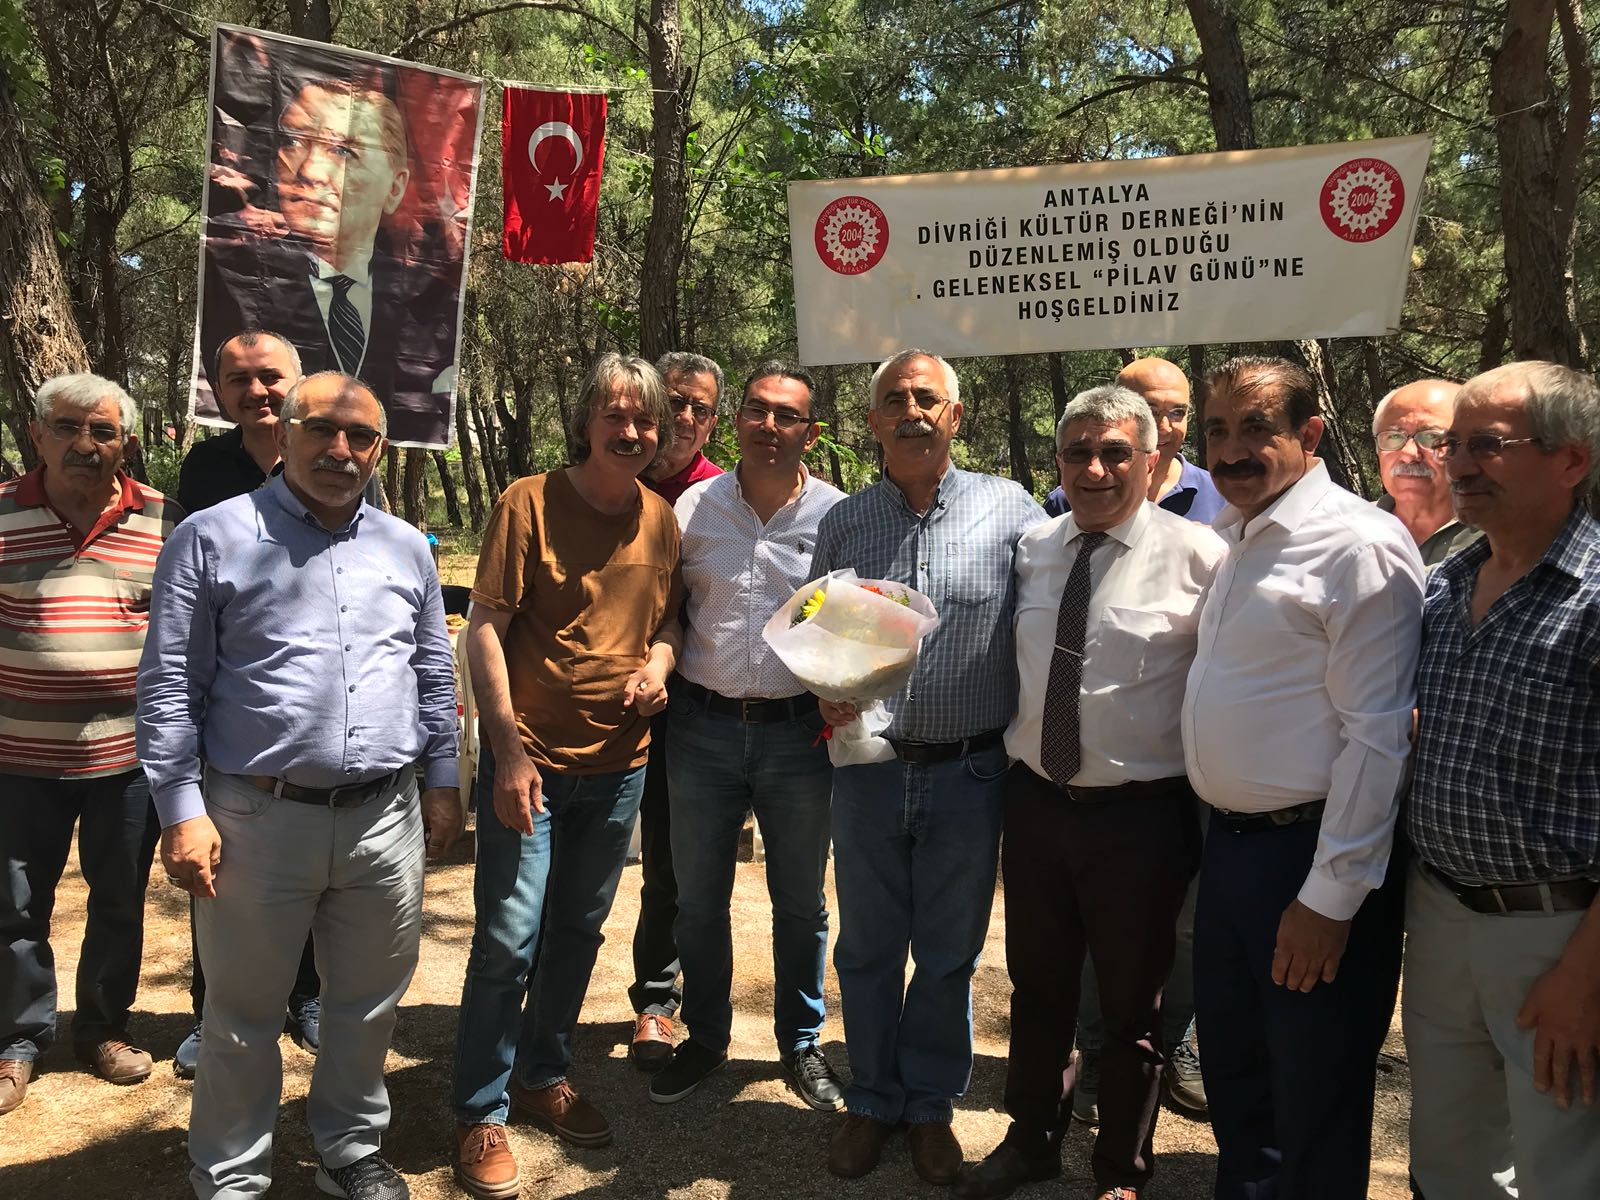 Antalya Divriği Kültür Derneği'nin Düzenlemiş Olduğu Geleneksel Pilav Günü